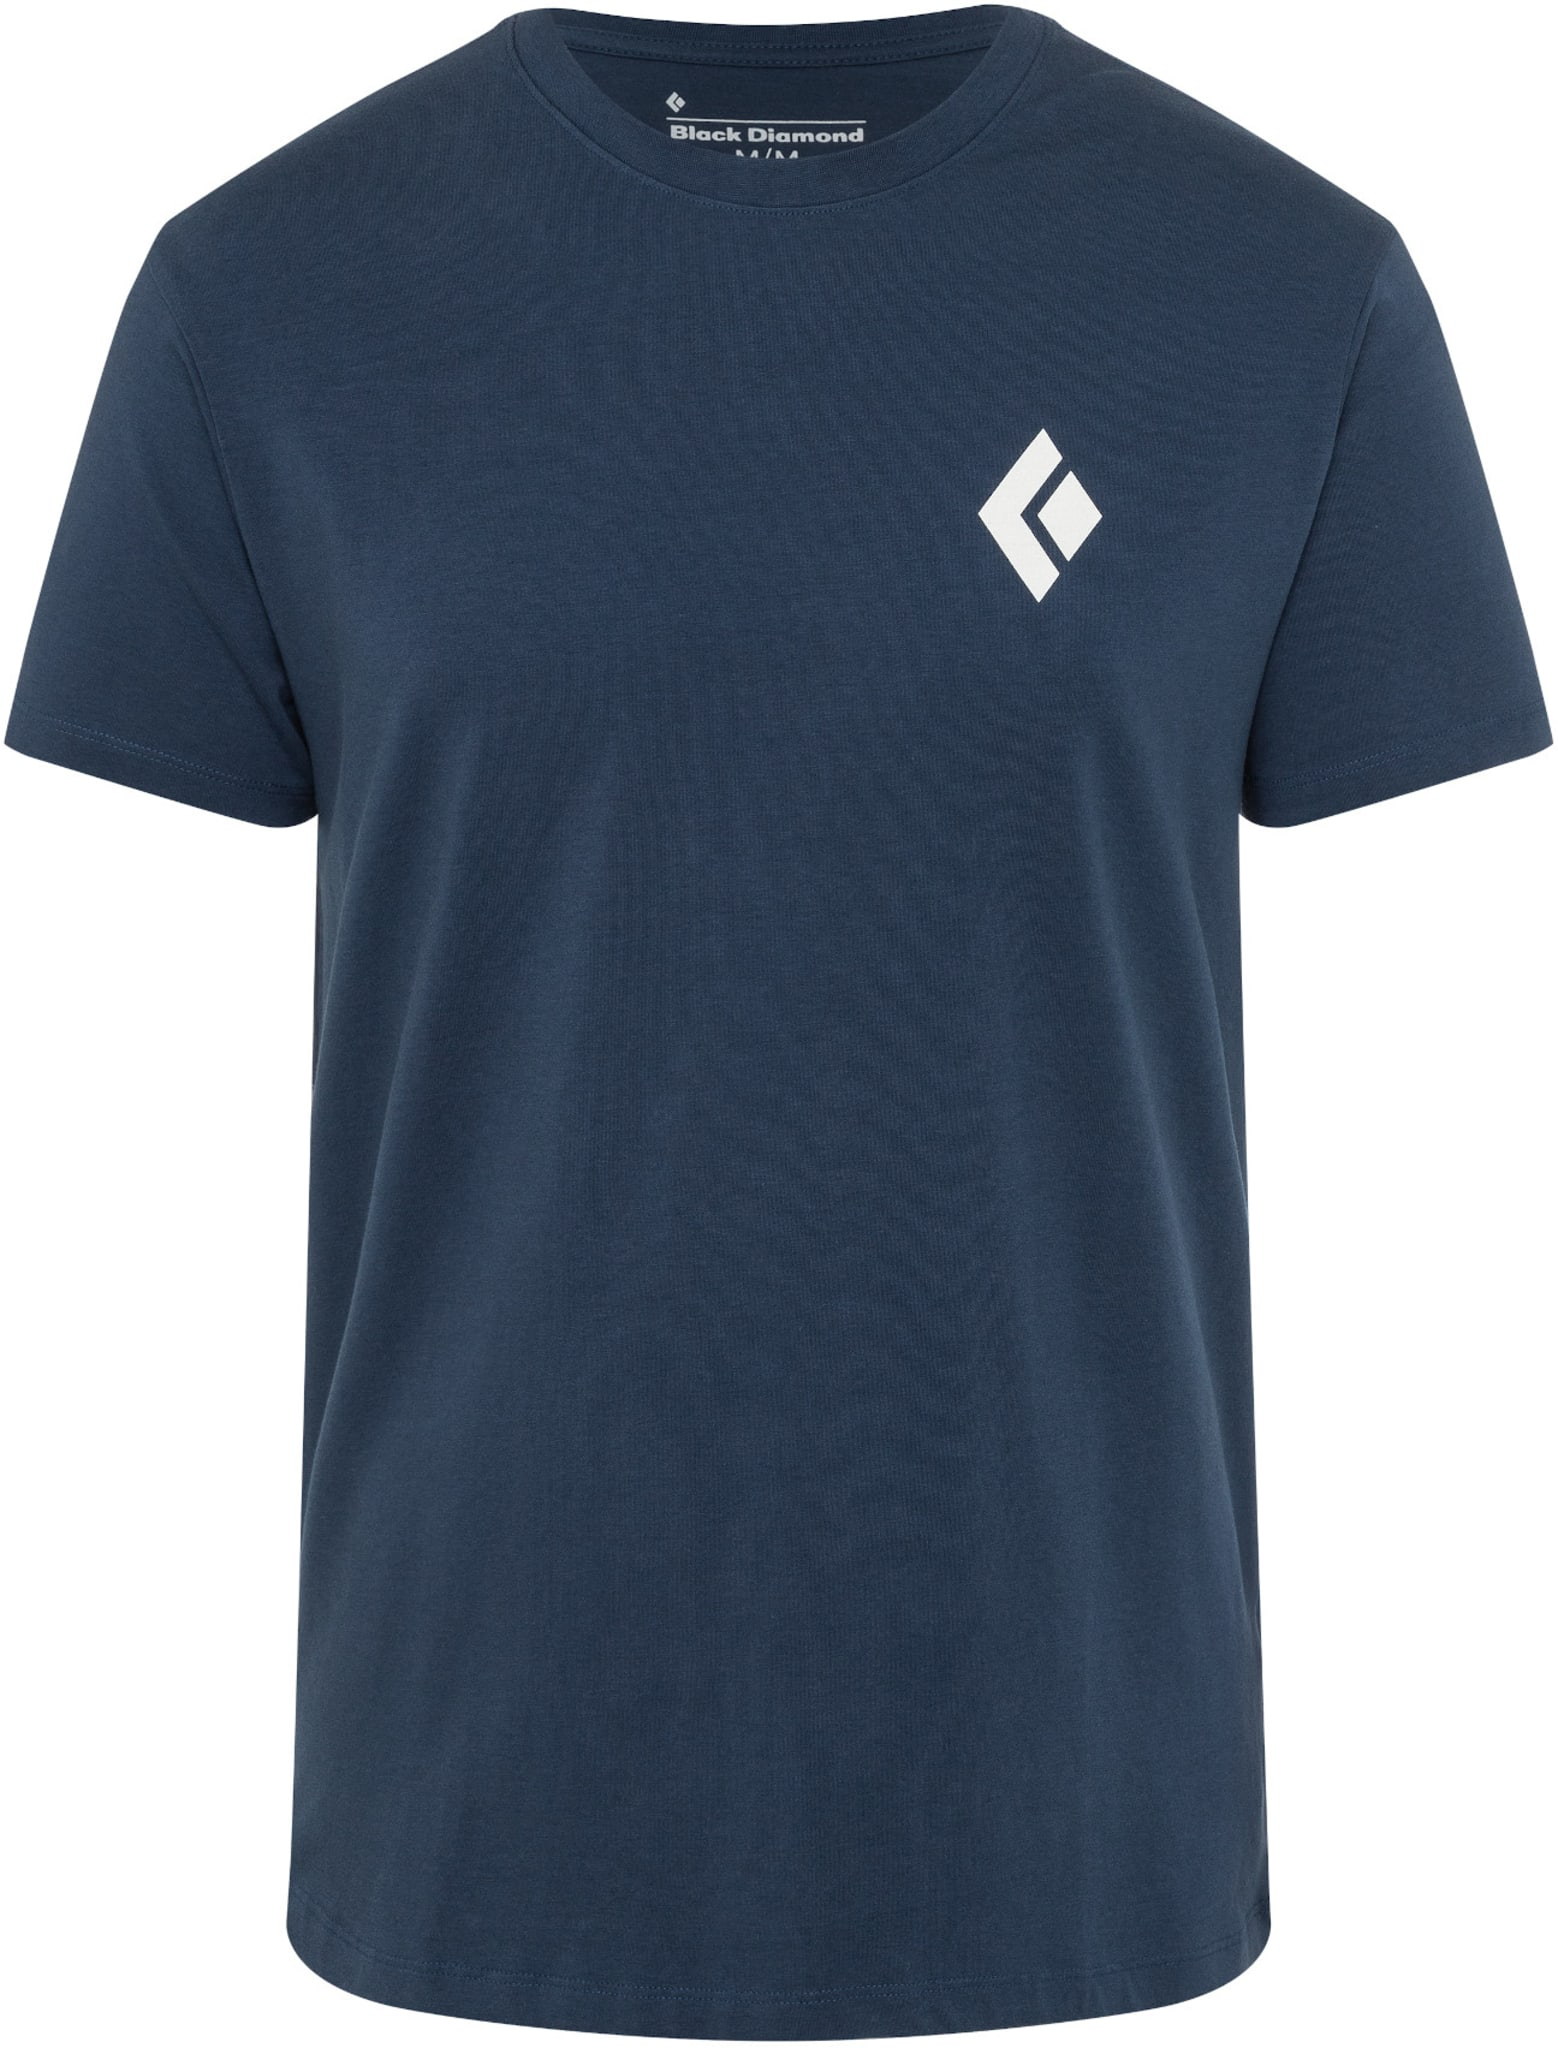 Behagelig t-skjorte i organisk bomull med elastan for ekstra stretch